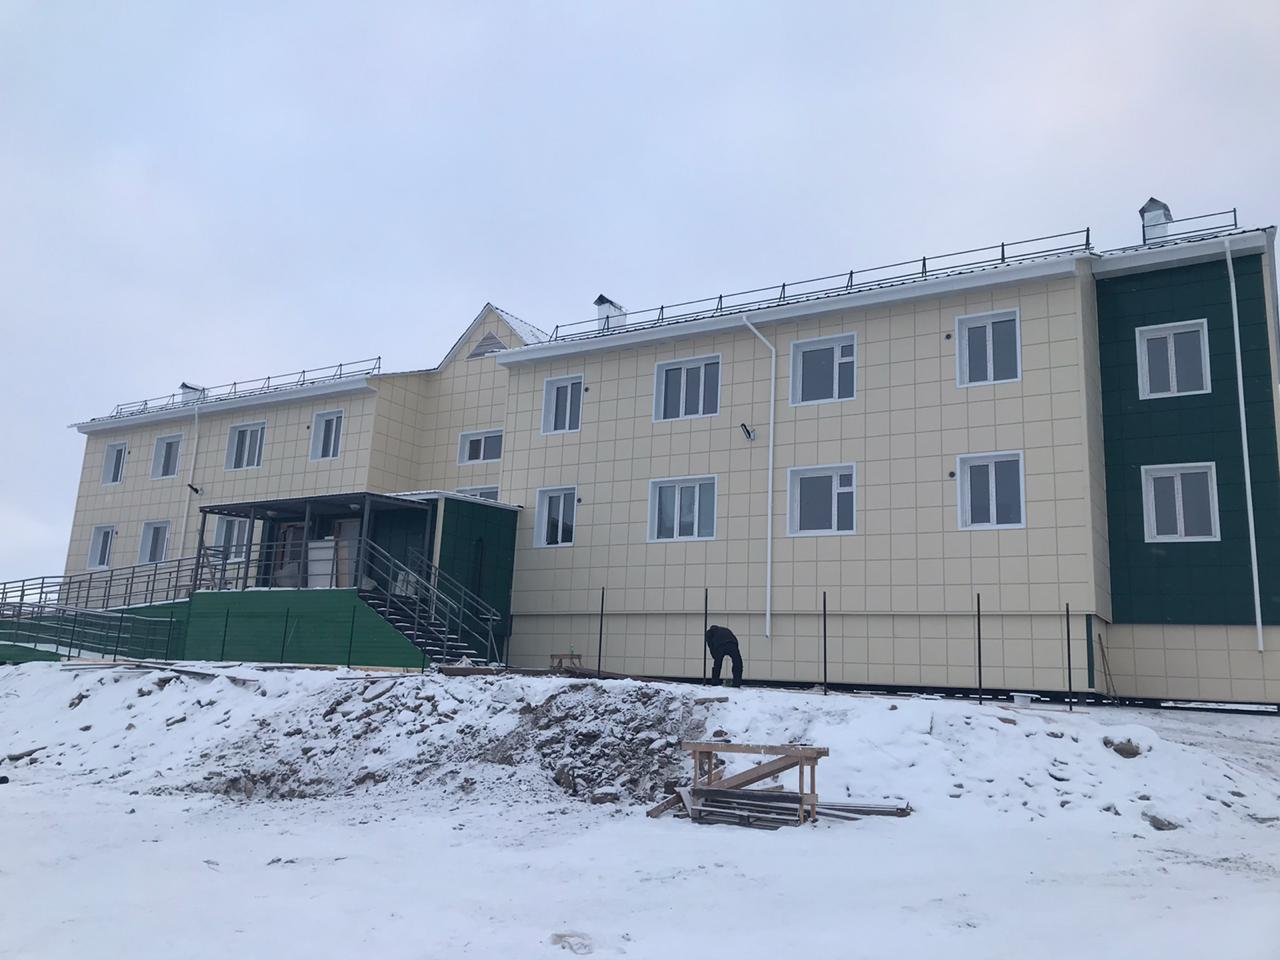 Поликлиника в поселке Батагай и жилой дом в селе Оленек получили заключение о соответствии